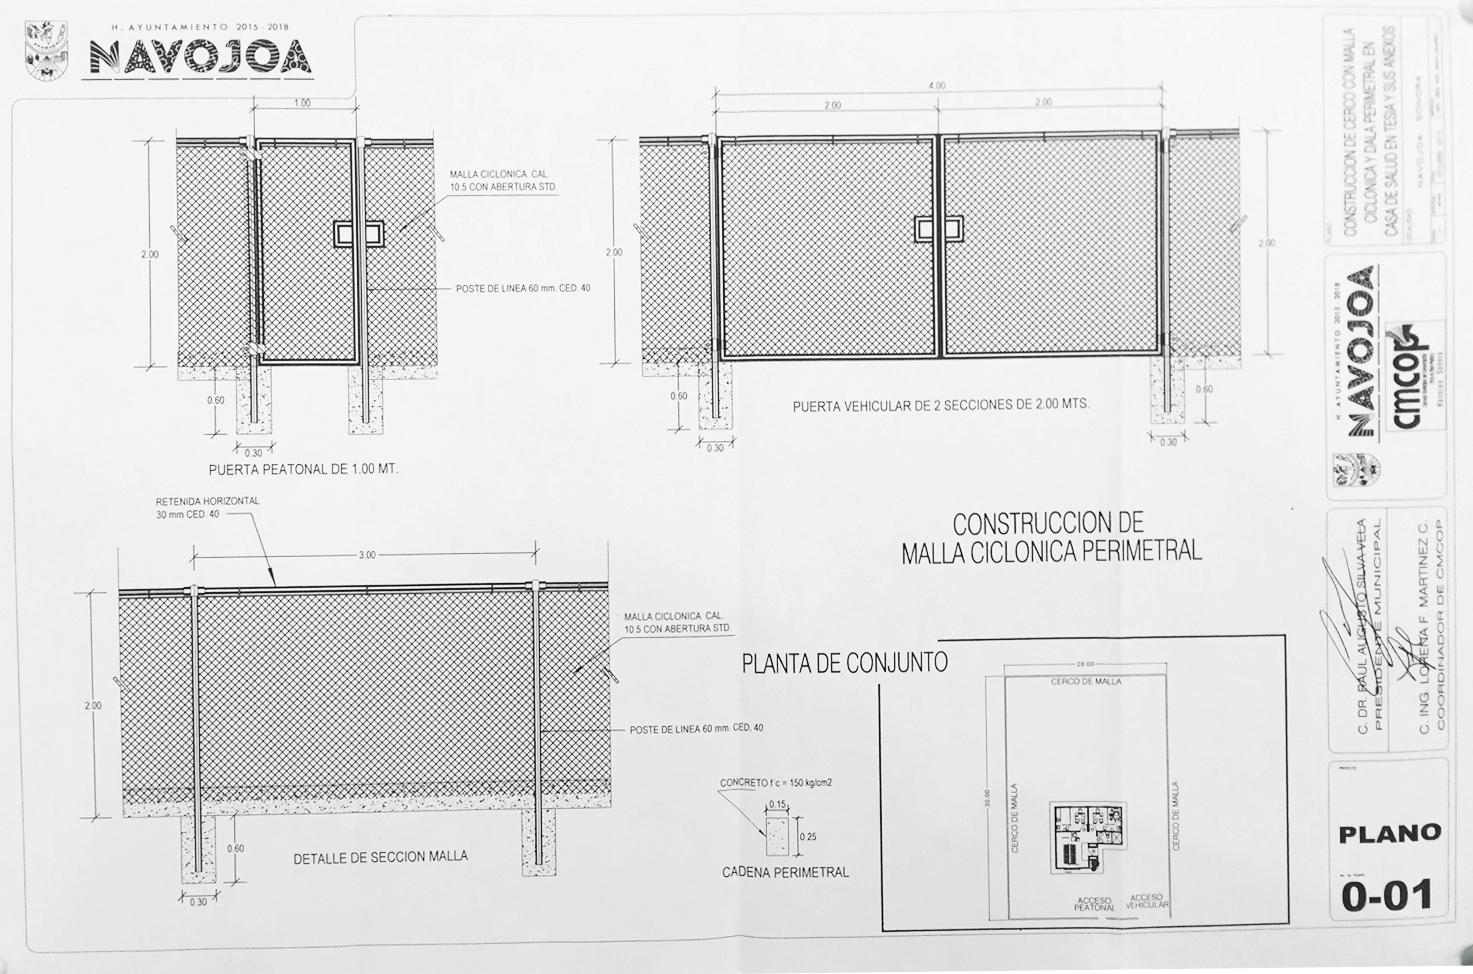 H ayuntamiento de navojoa for Malla de construccion